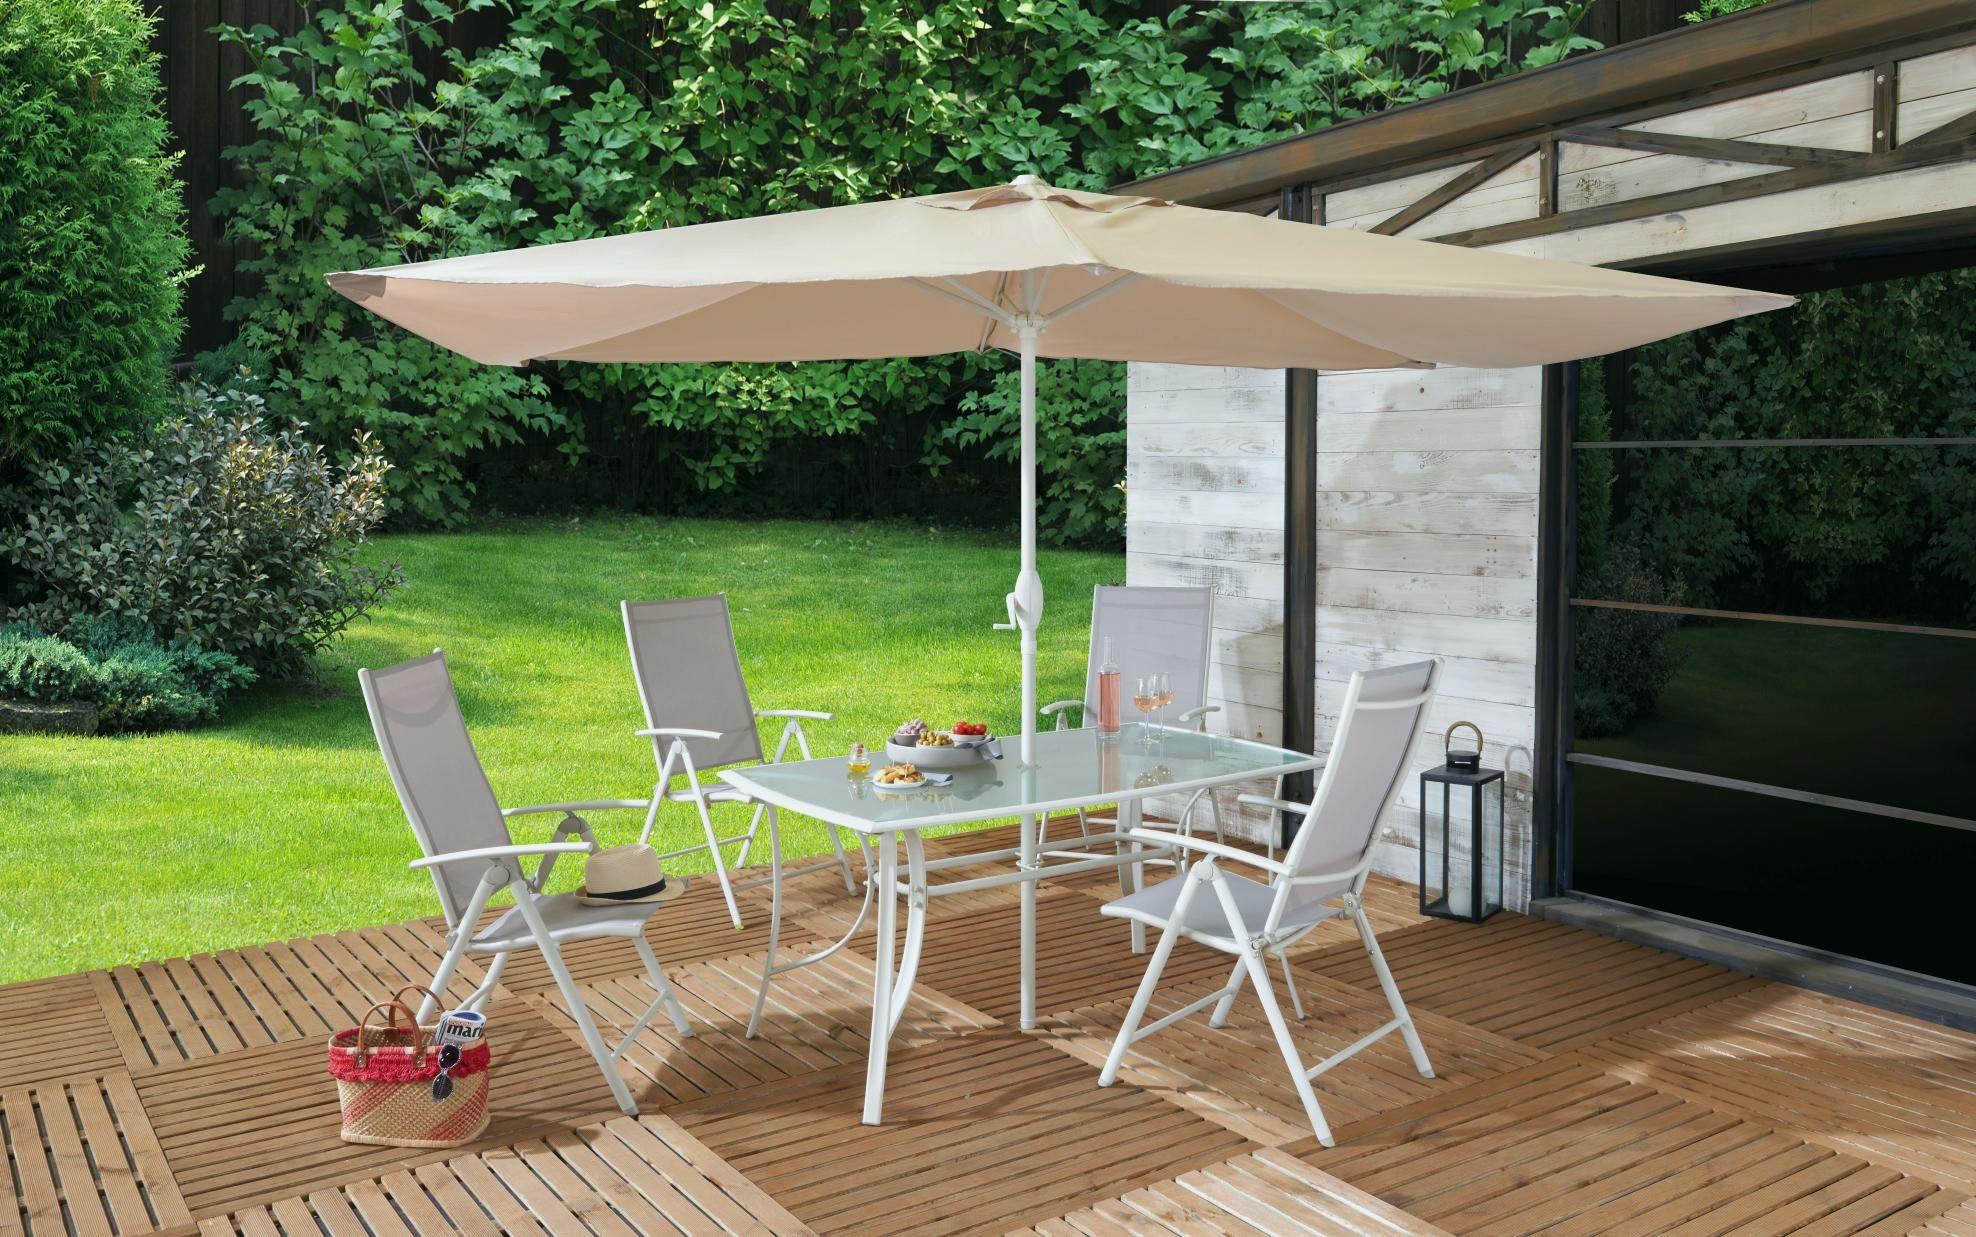 Housse pour salon de jardin carrefour - Mailleraye.fr jardin